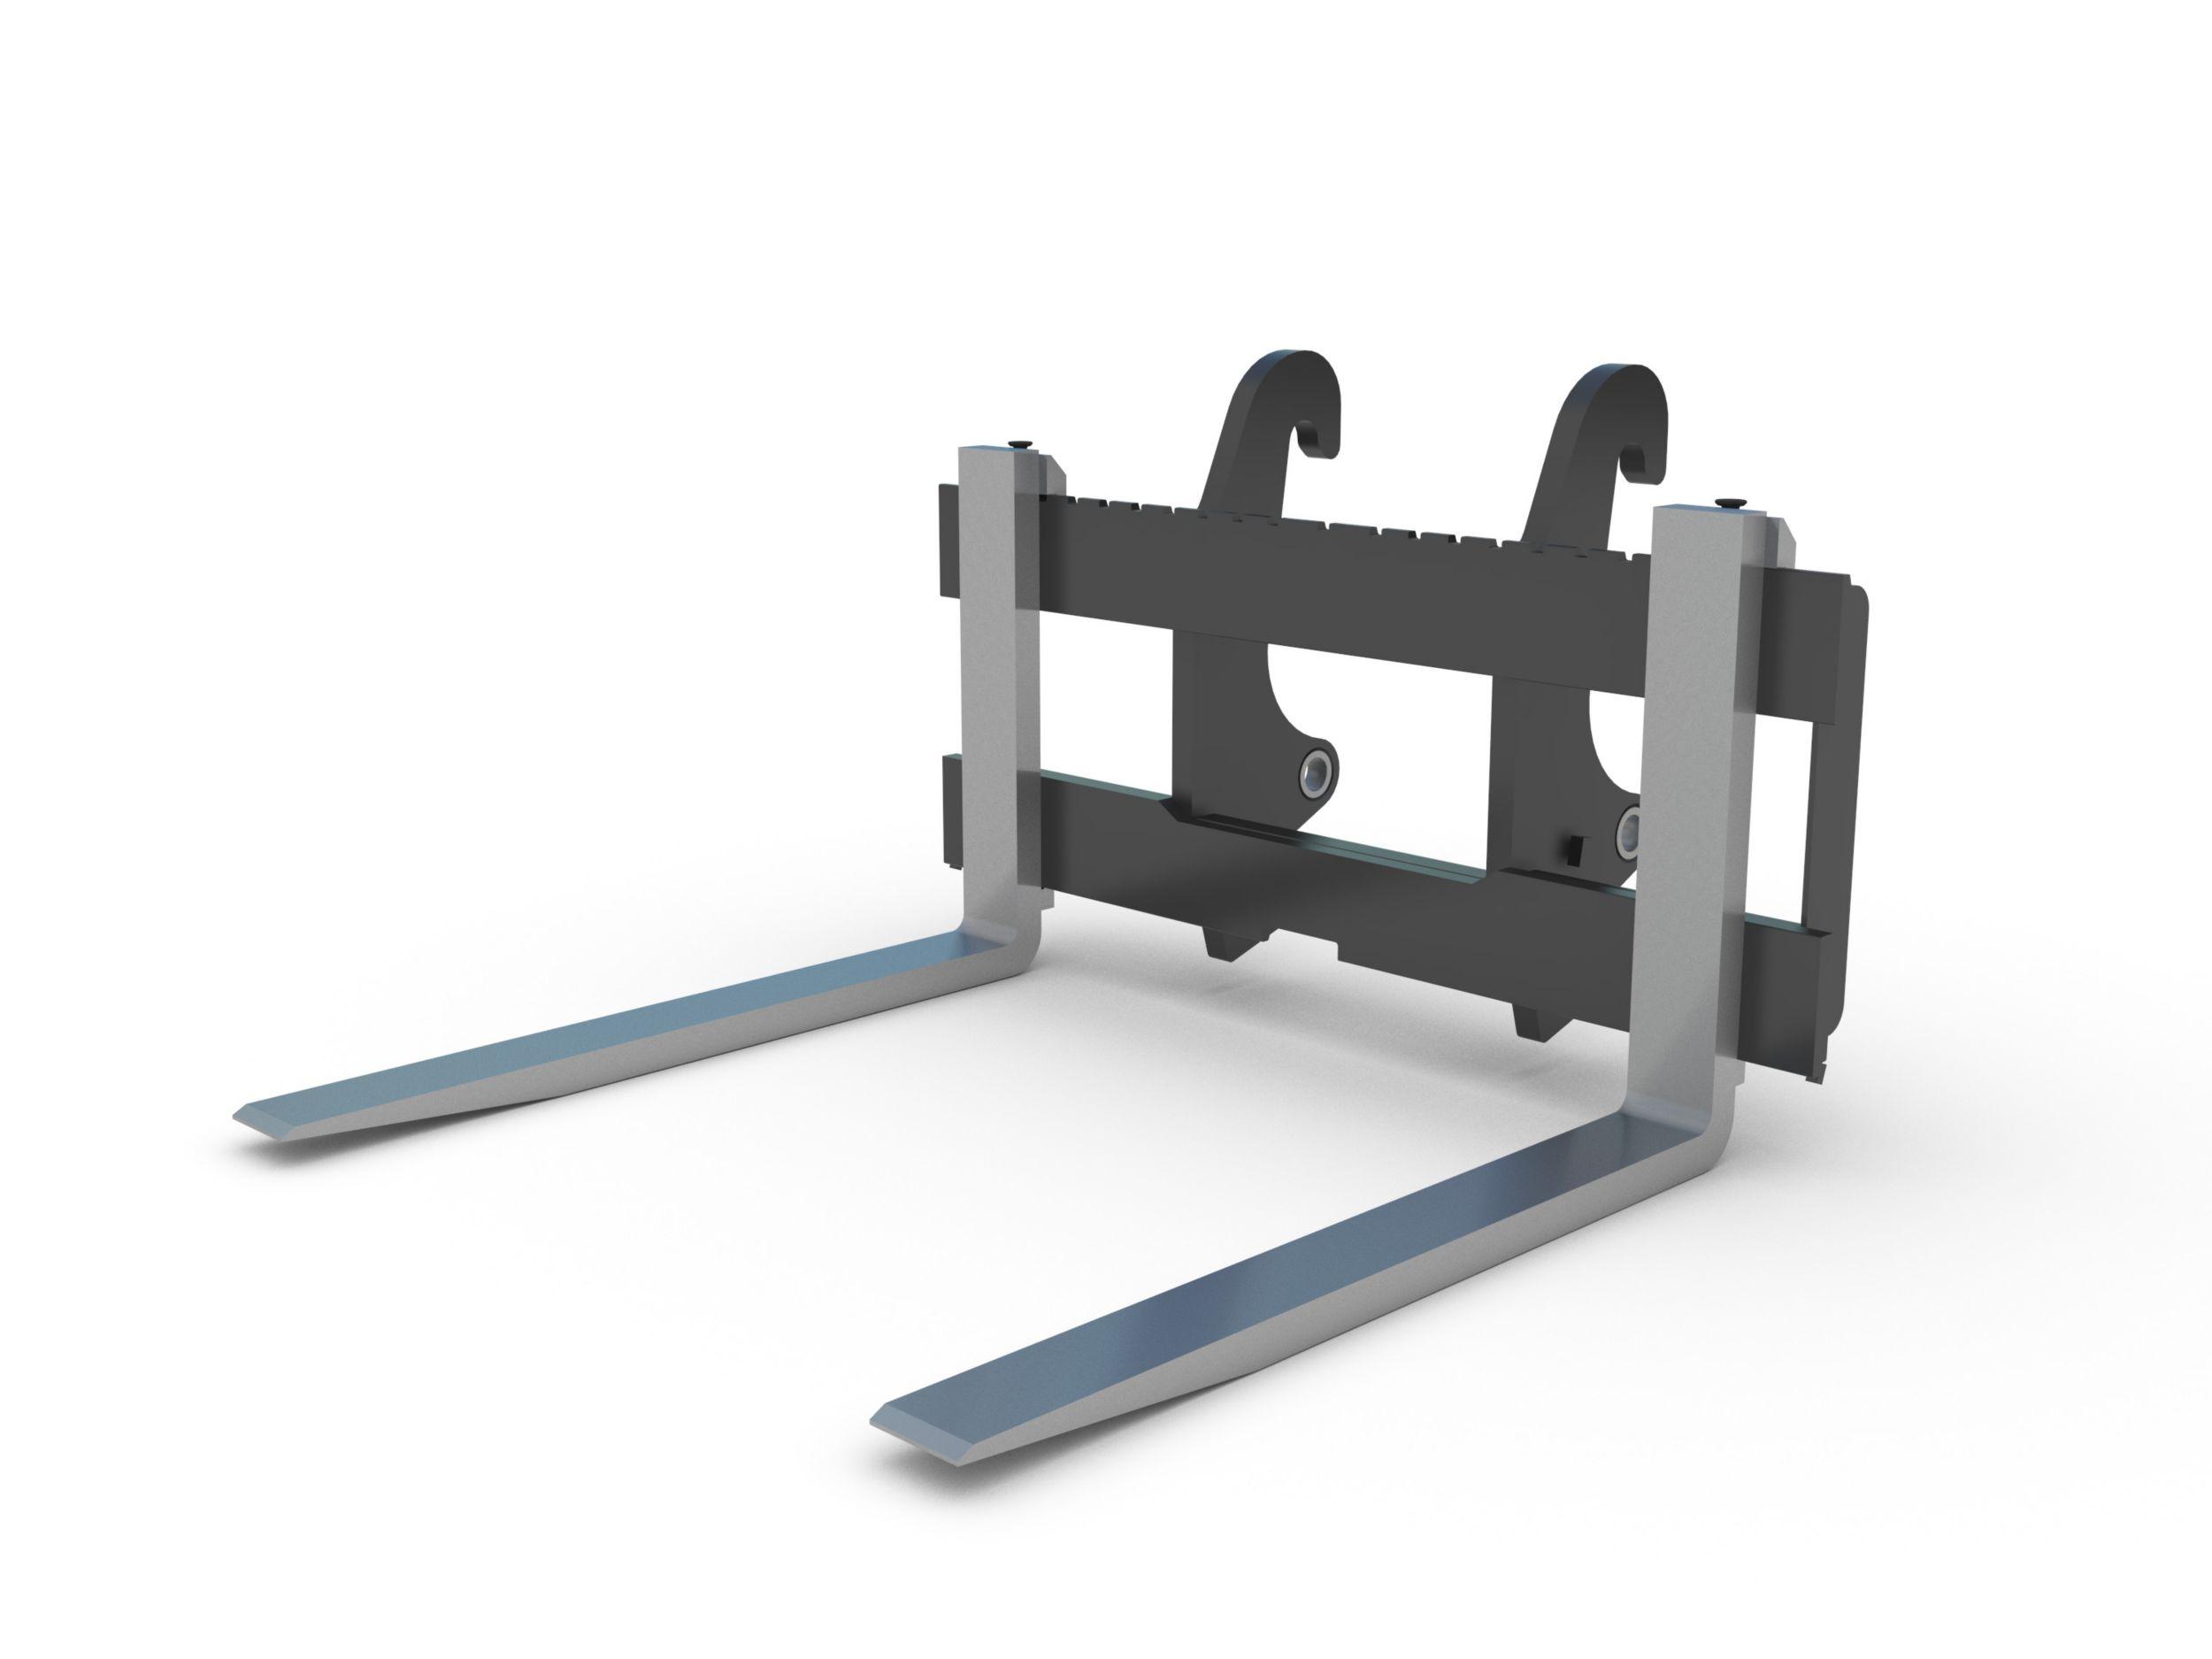 Forks-Backhoe loader